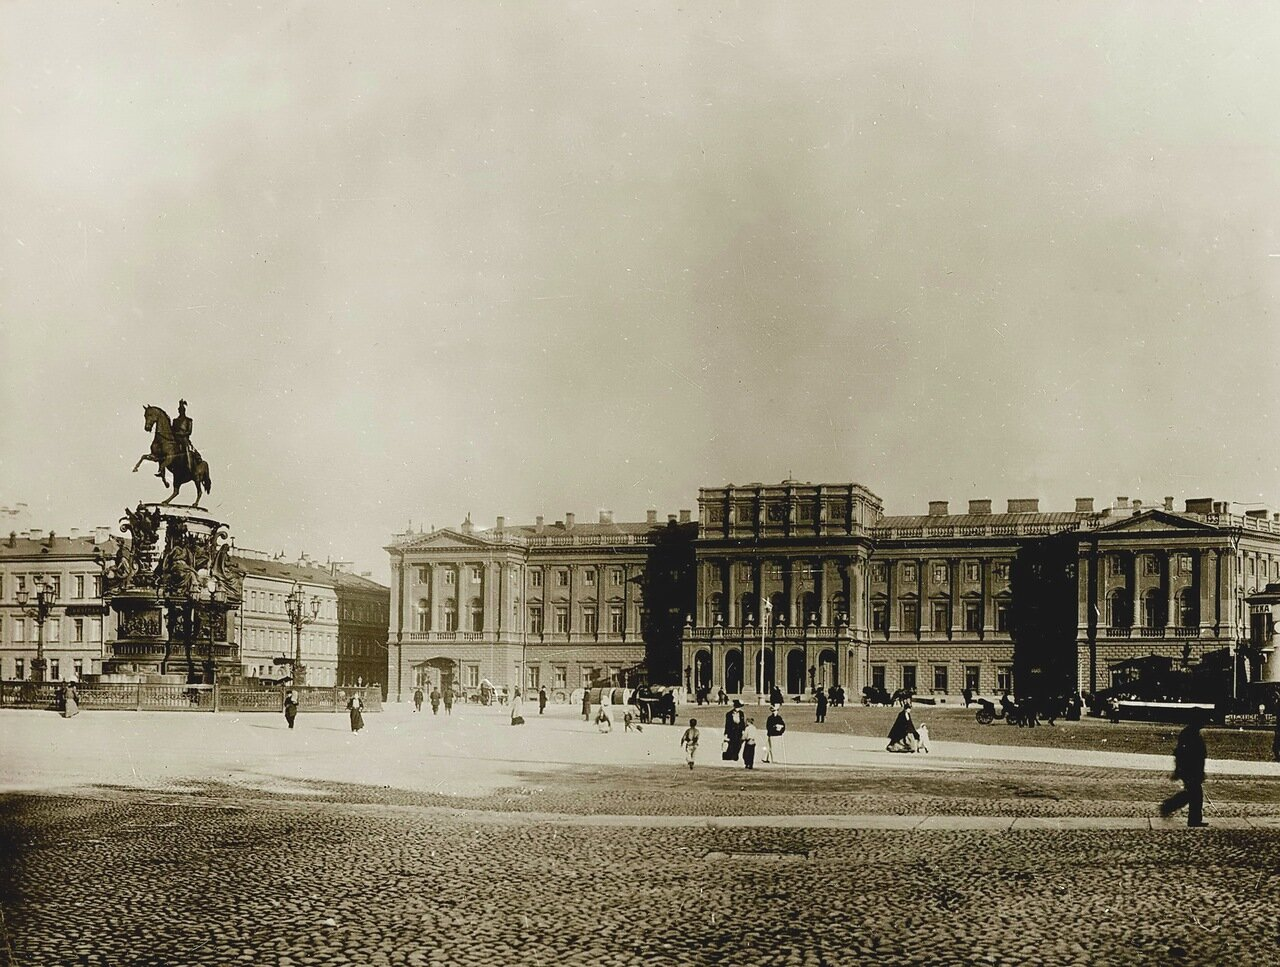 Мариинский дворец. Государственный Совет. Памятник Николаю I